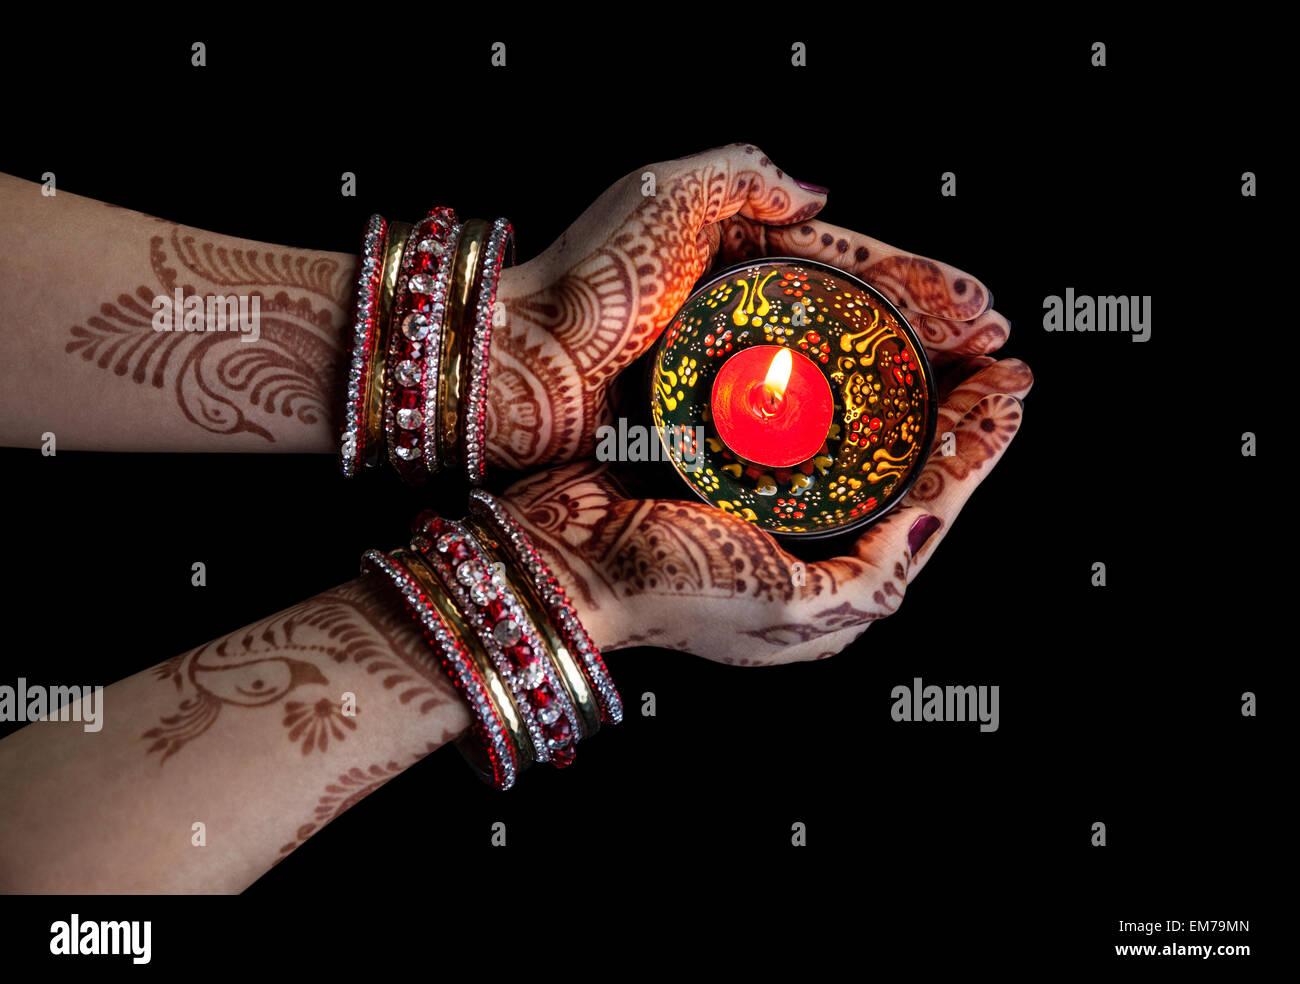 Donna mani con henna holding candela isolata su sfondo nero con tracciato di ritaglio Immagini Stock